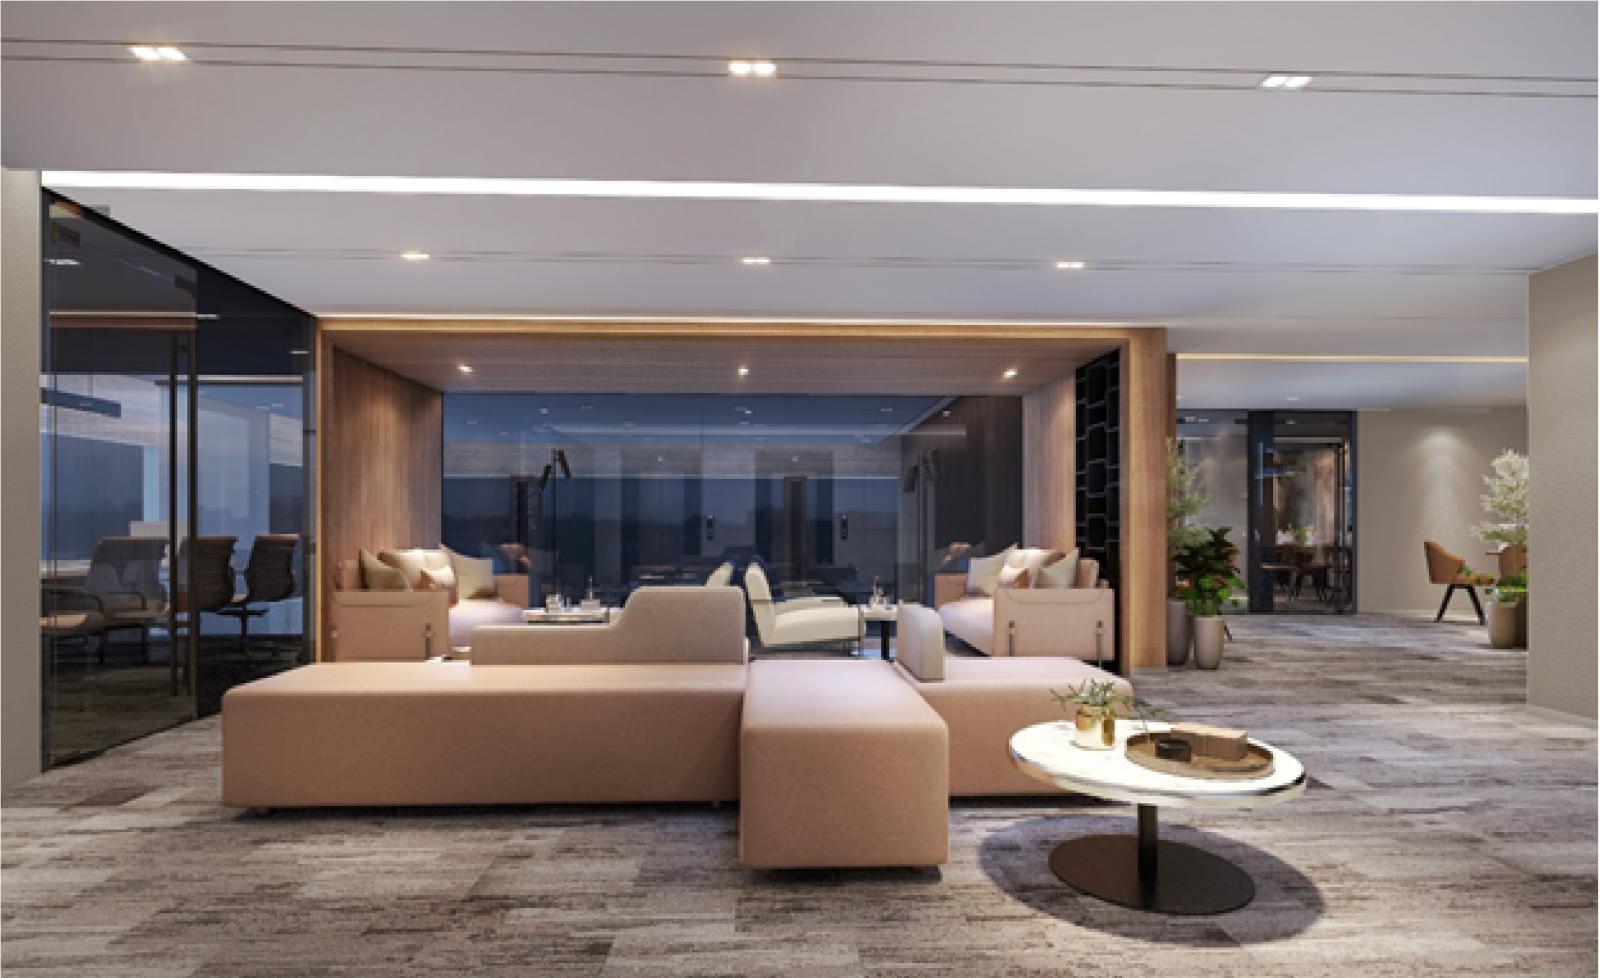 Khu tiếp khách với chiếc bàn tròn mặt kính, chiếc ghế sofa hình chữ L màu nâu nhạt